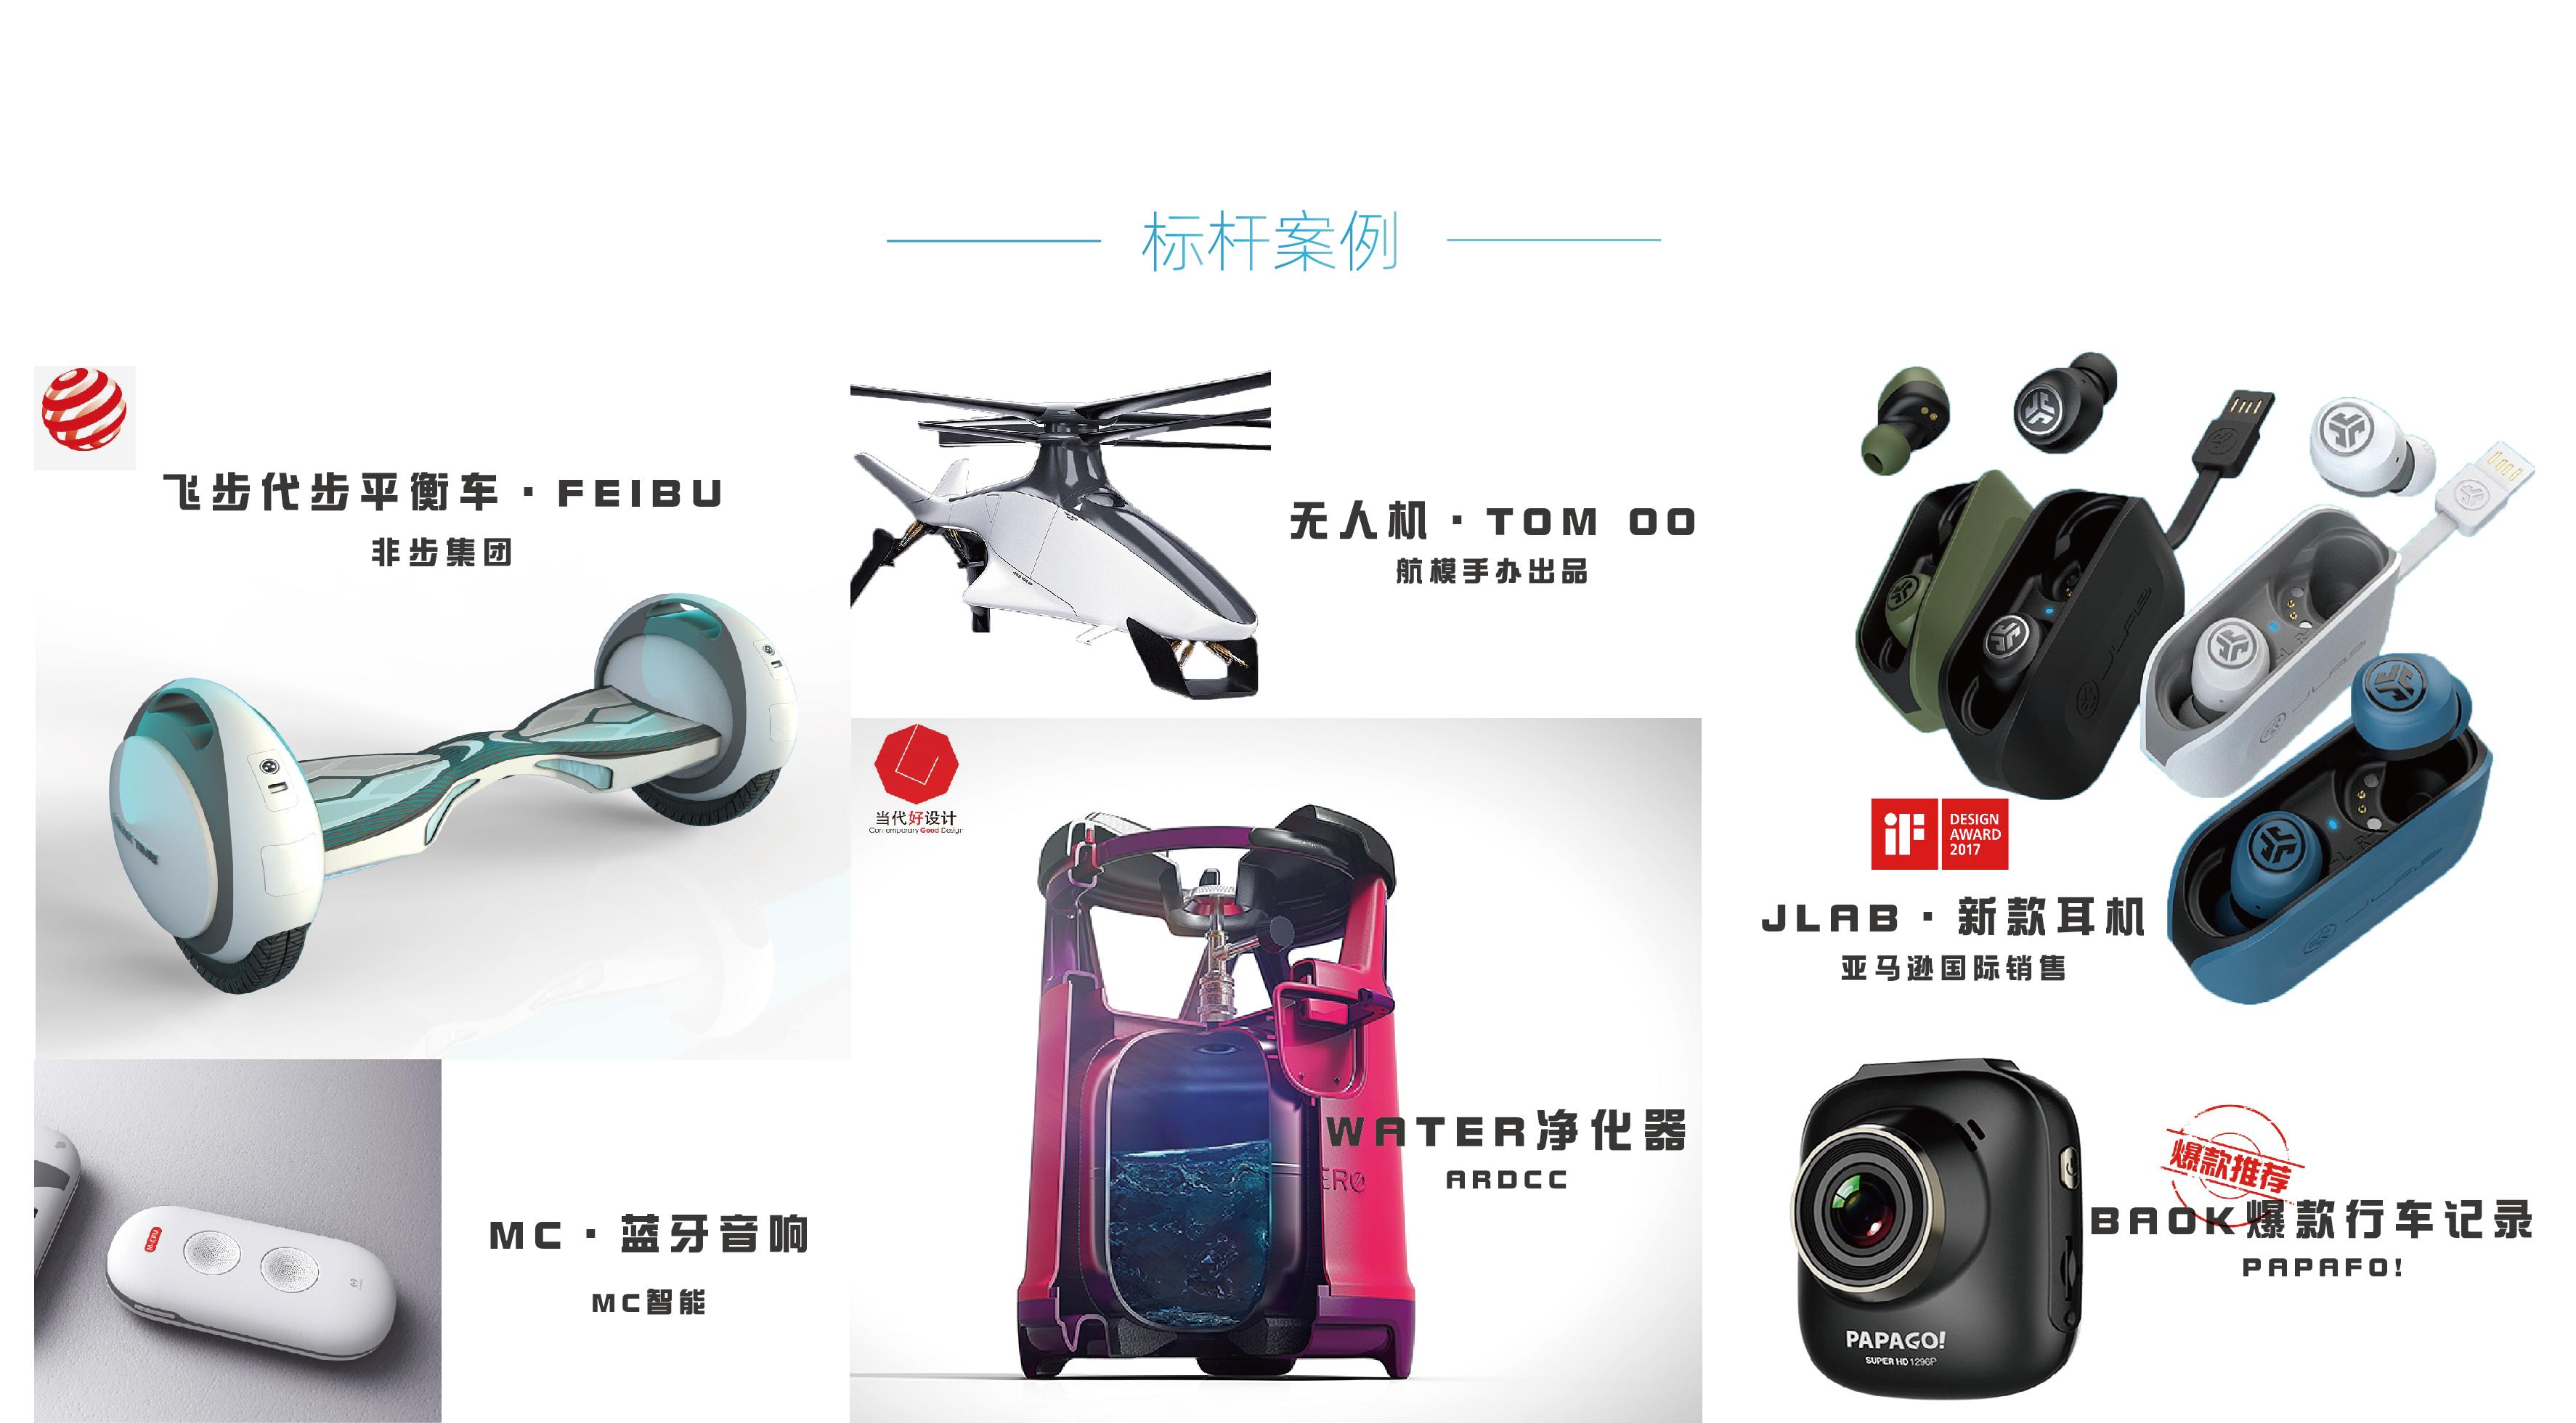 【工业魔方】创新设计产品外观设计结构设计工业设计产品造型设计